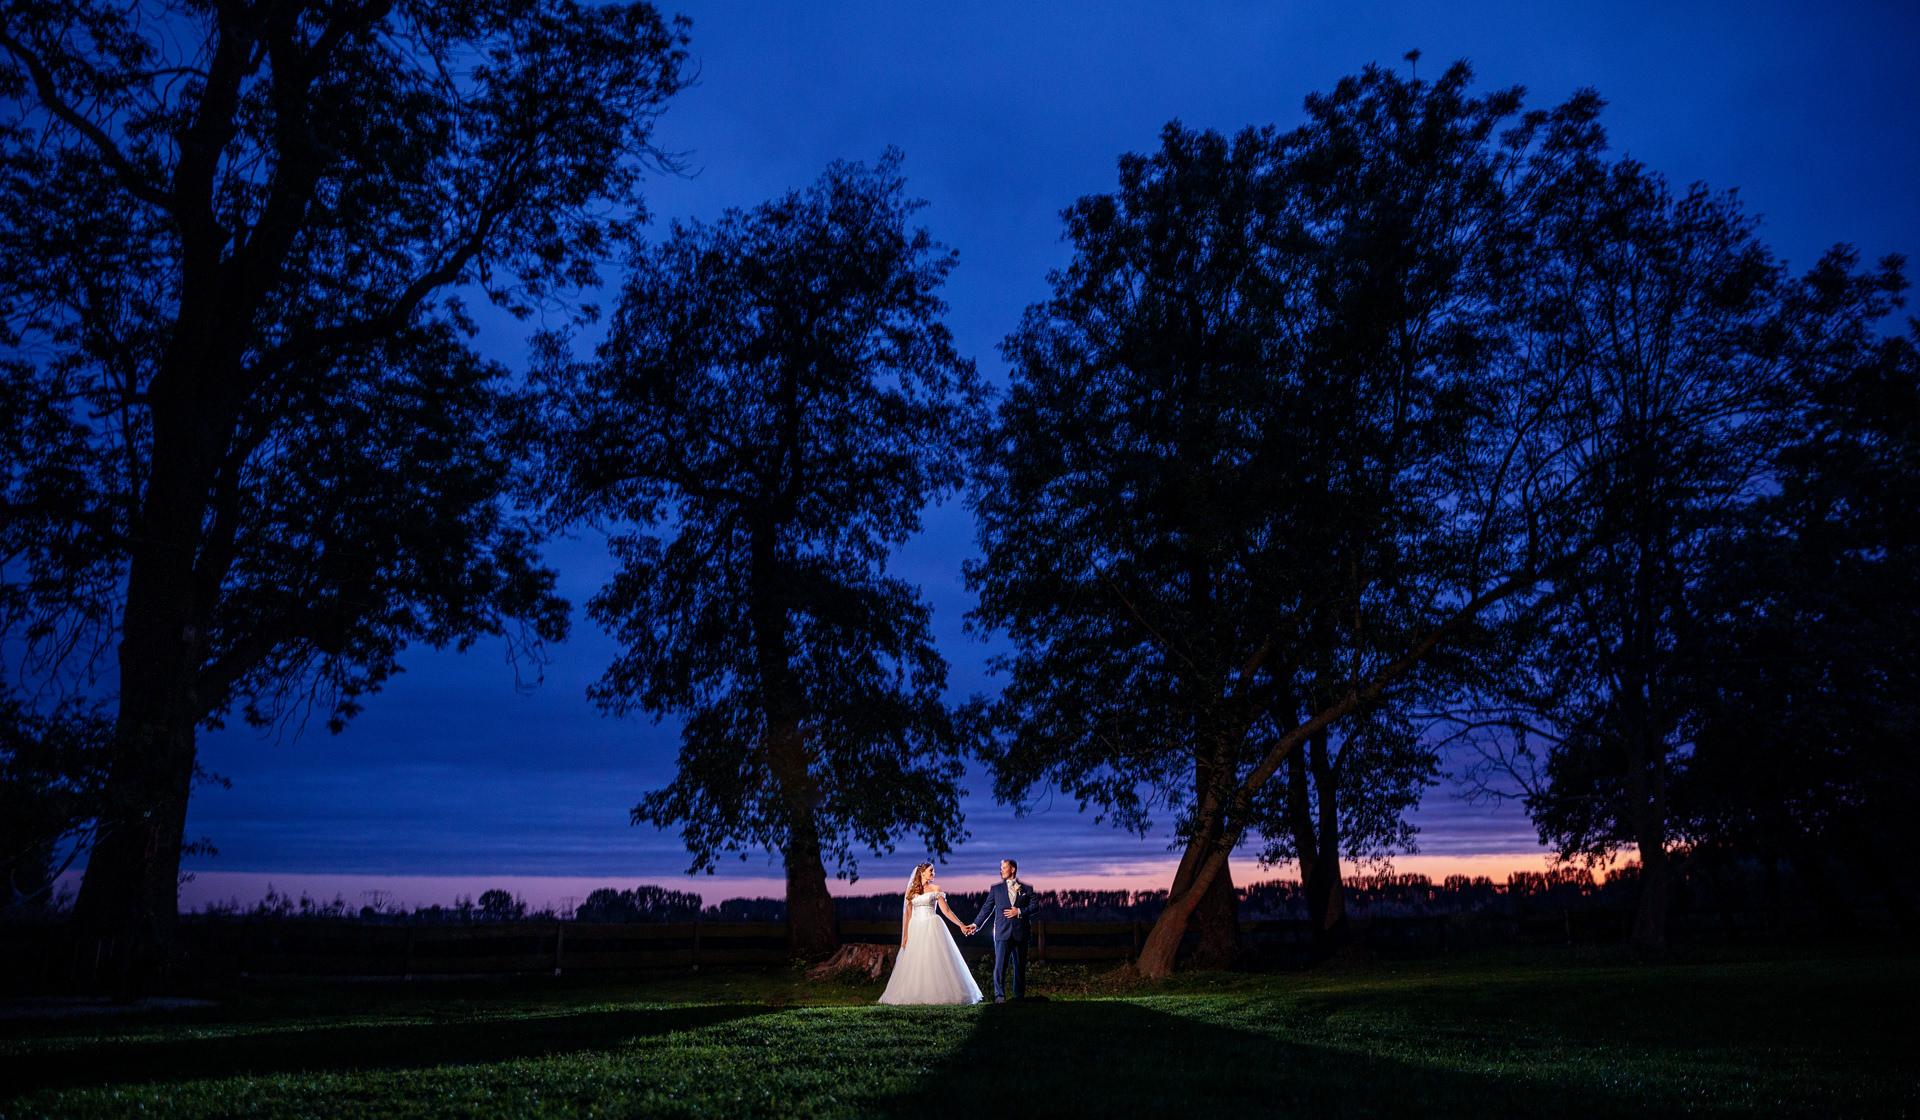 Hochzeitsfotograf auf Schloss Diedersdorf in Teltow-Flaeming mit Brautpaar zur Blauen Stunde